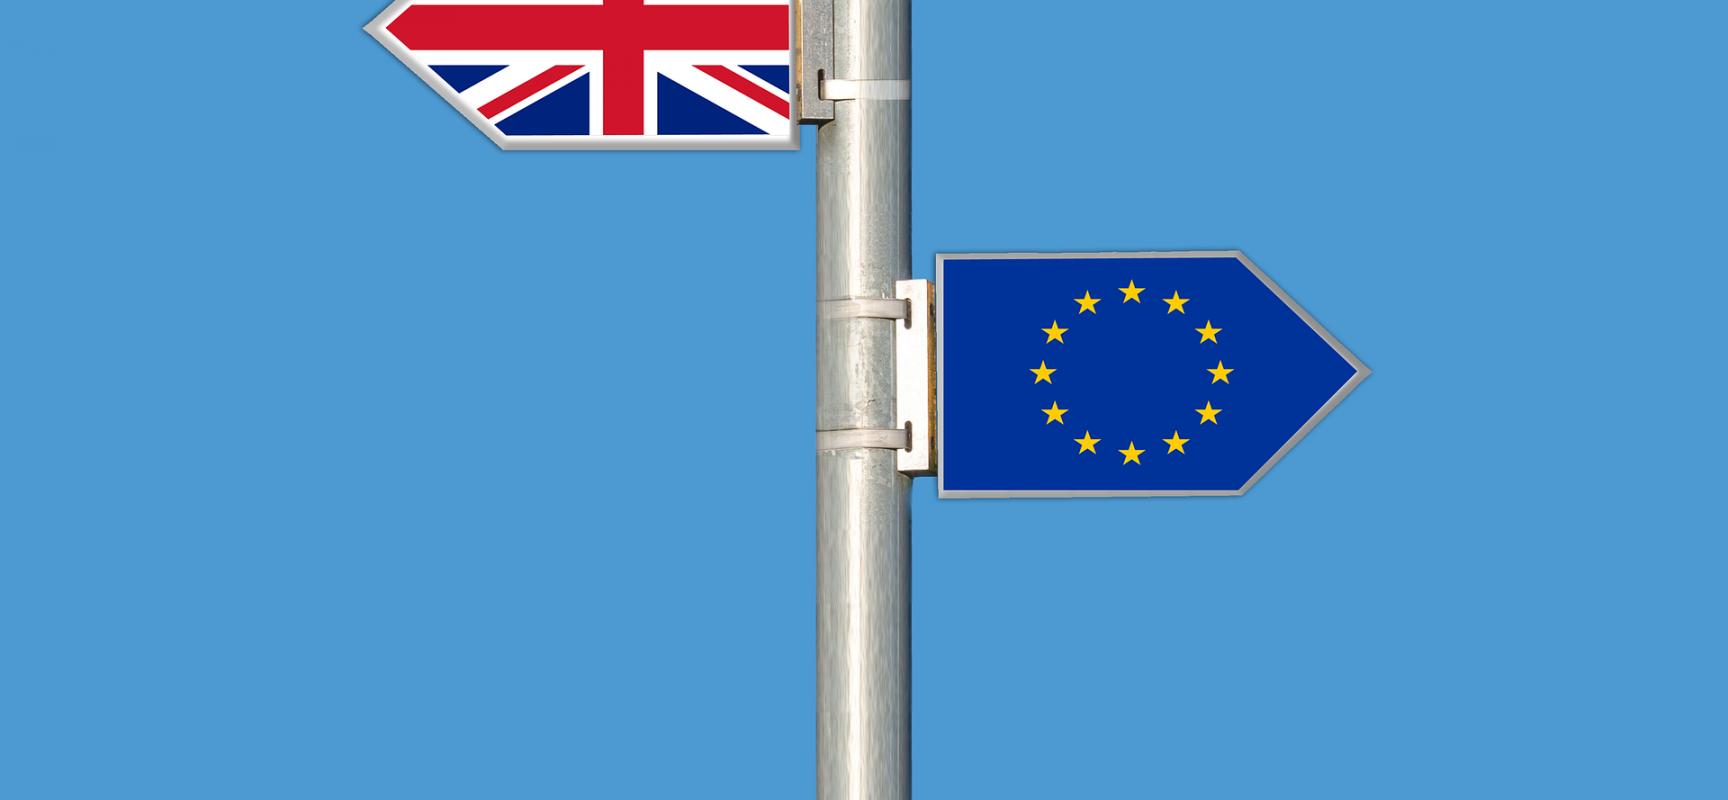 Połowa Brytyjczyków uważa, że Rosja ingerowała w brexit i wybory